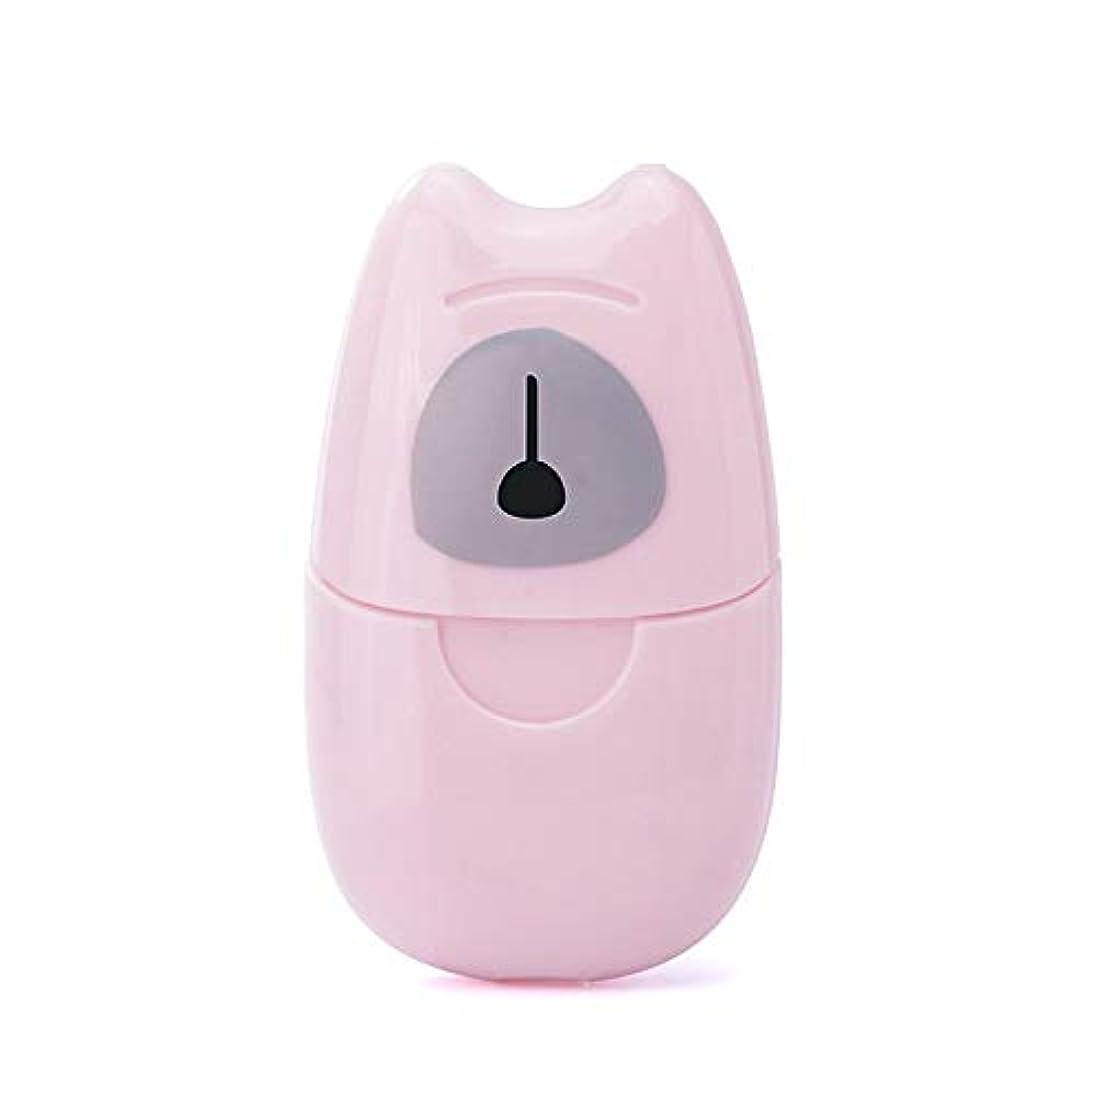 数学的なマイクロ海賊箱入り石鹸紙旅行ポータブル屋外手洗い石鹸香りスライスシート50ピースミニ石鹸紙でプラスチックボックス - ピンク